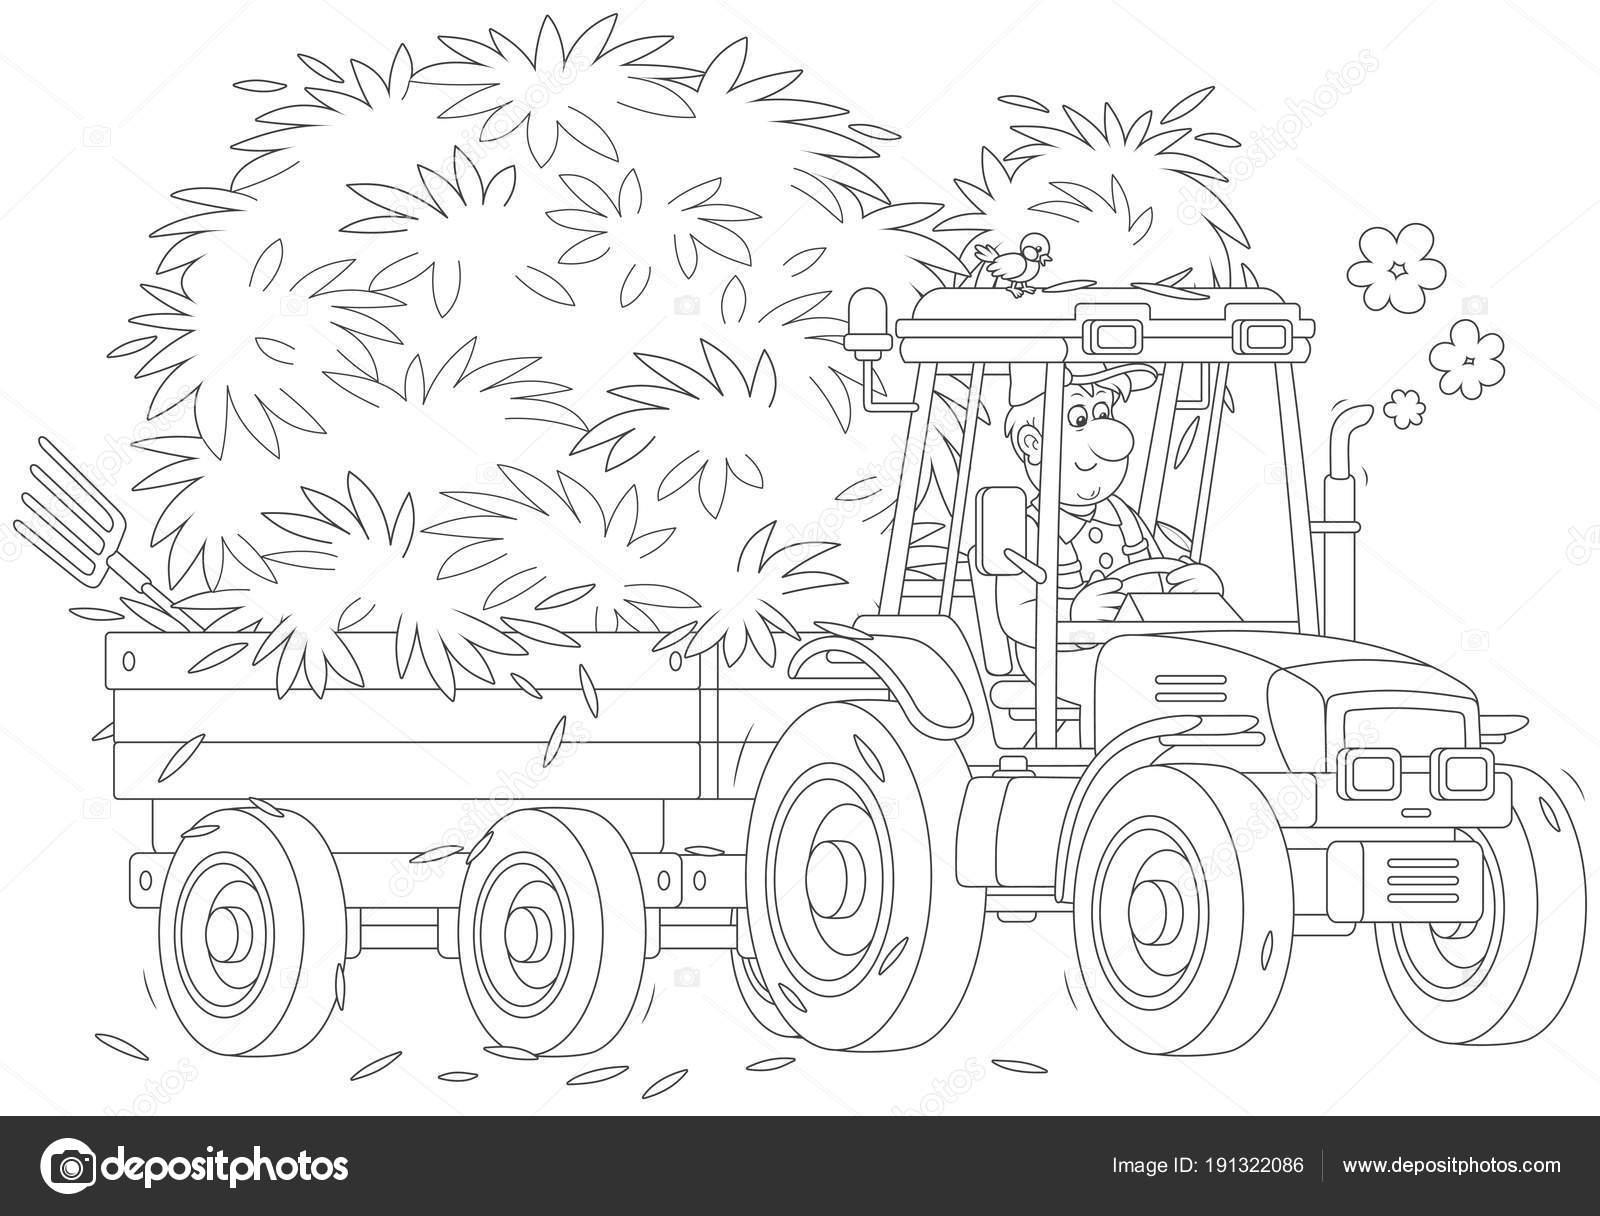 Onun Tekerlekli Traktör Römork Saman Ile Sürüş çiftçi Gülümseyen